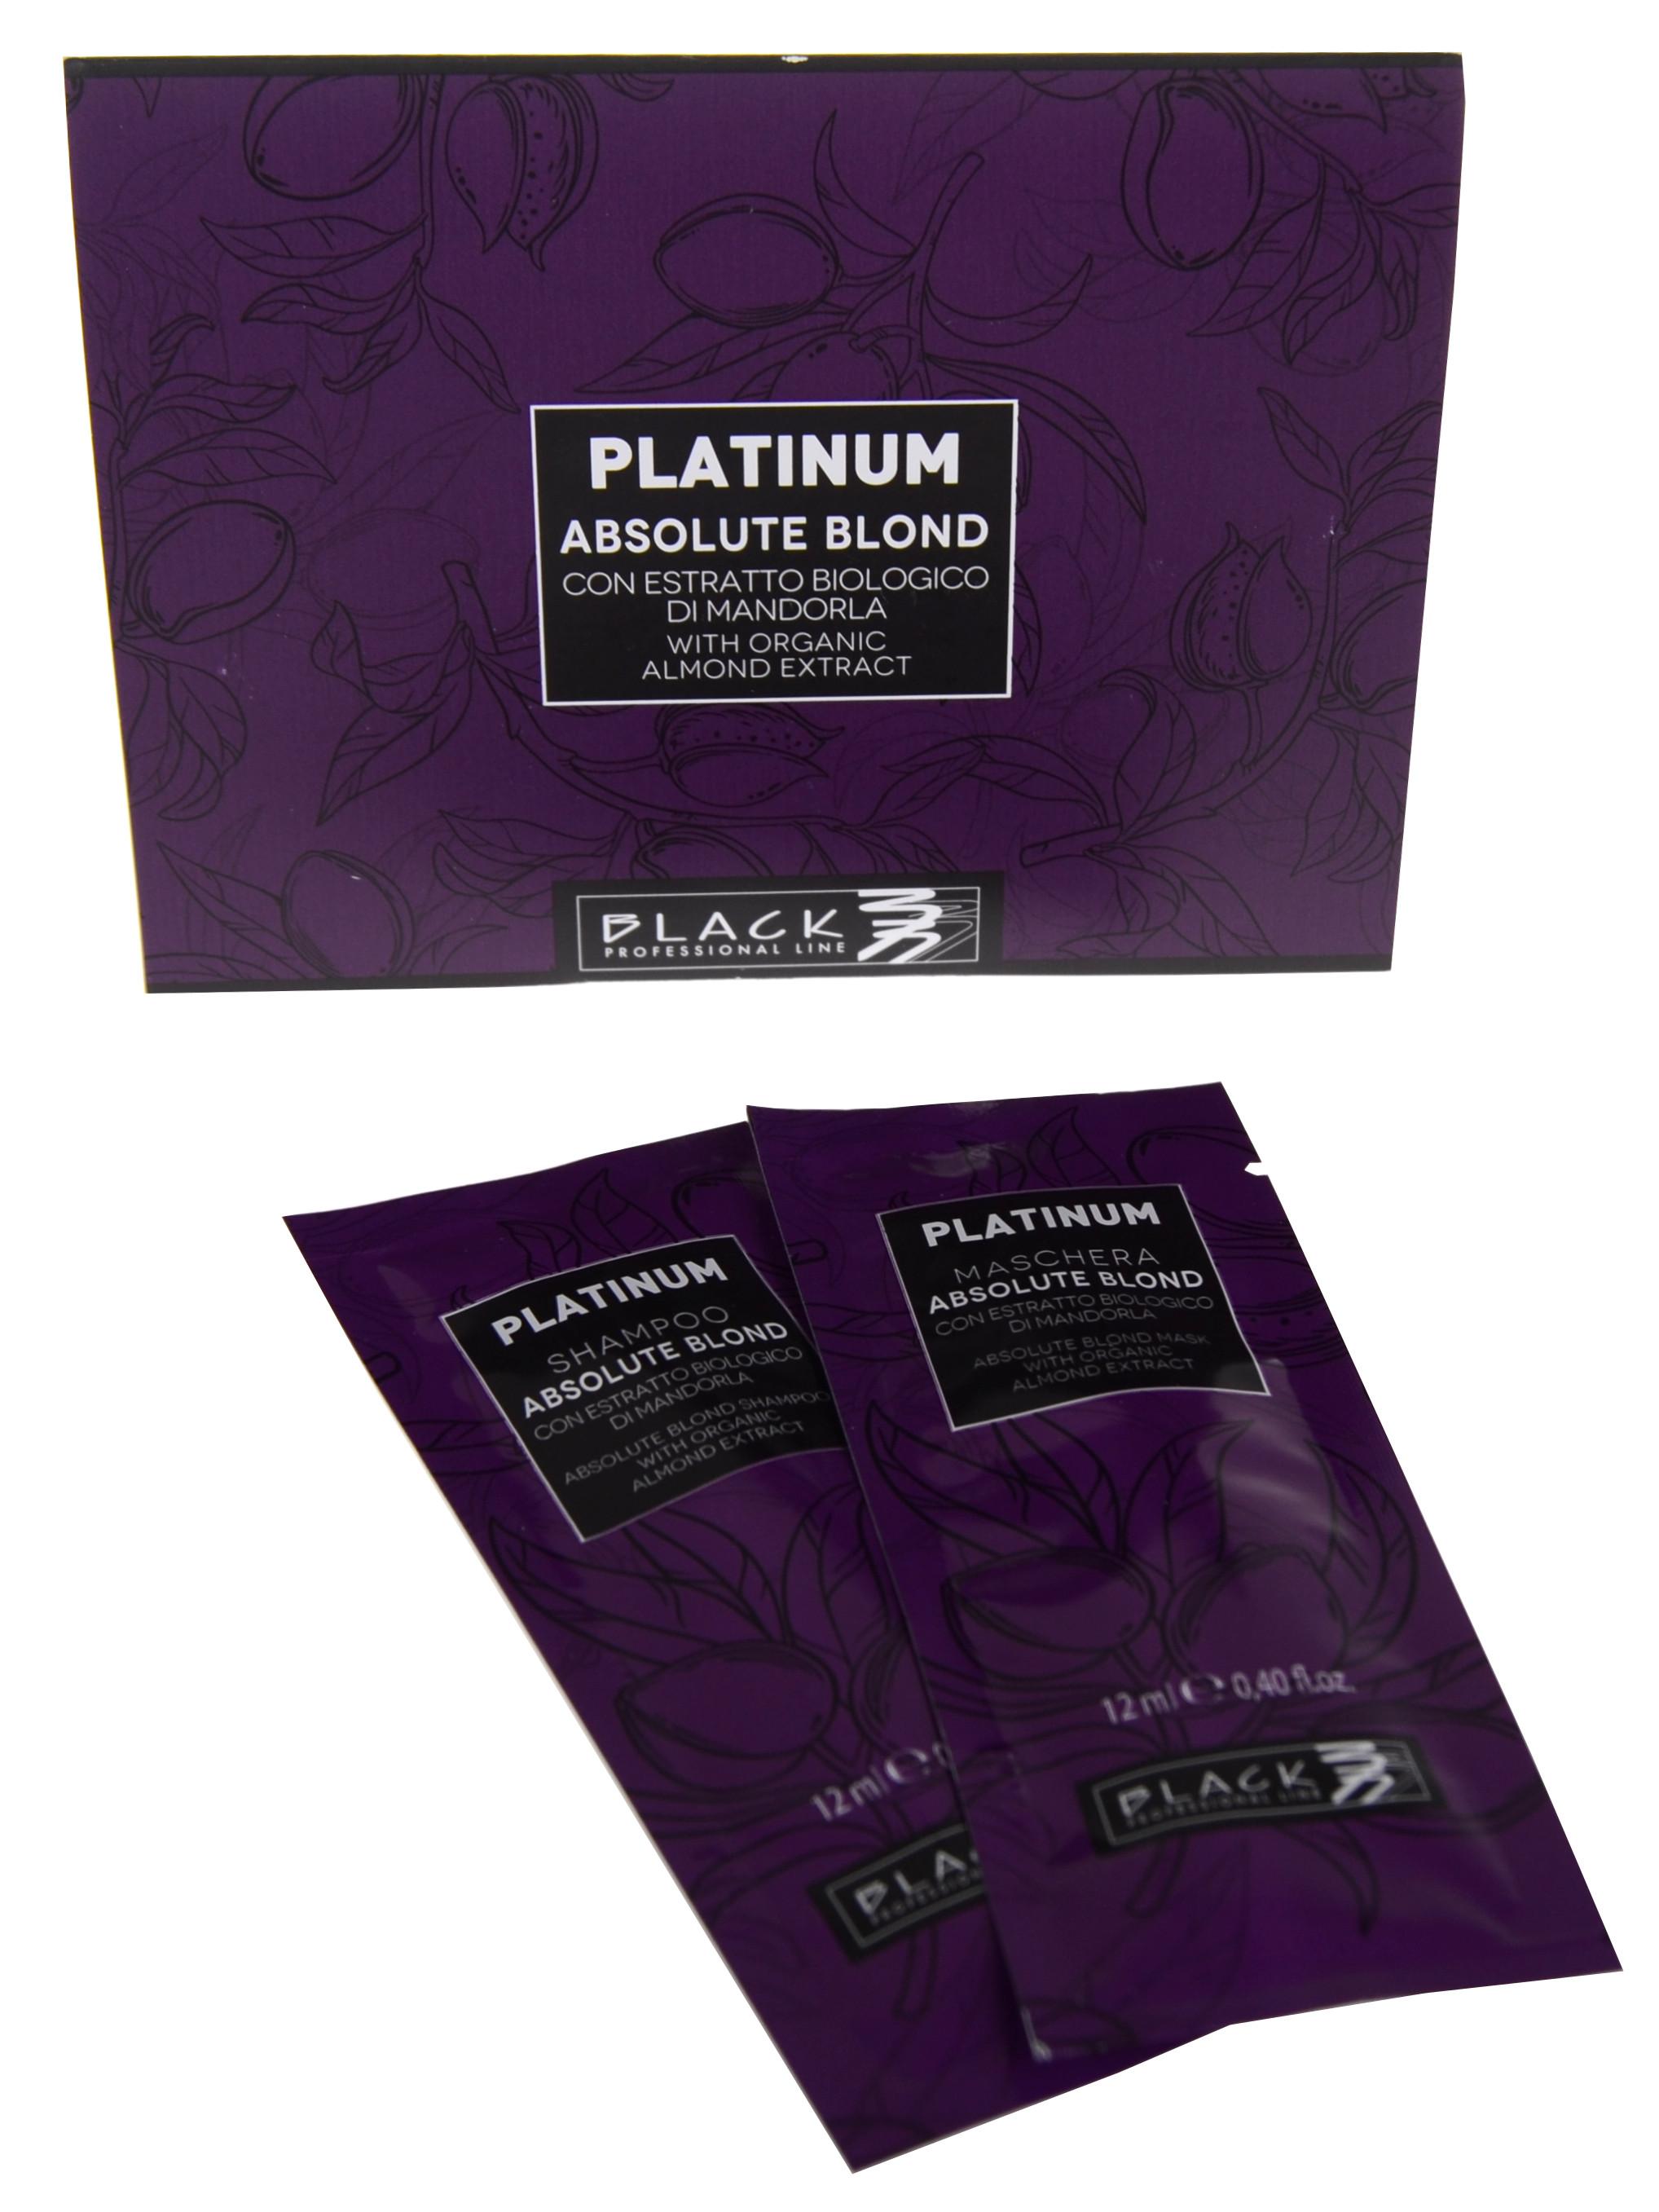 Šampon a maska pro melírované vlasy Black Platinum Absolute Blond - 2 x 12 ml (250032)